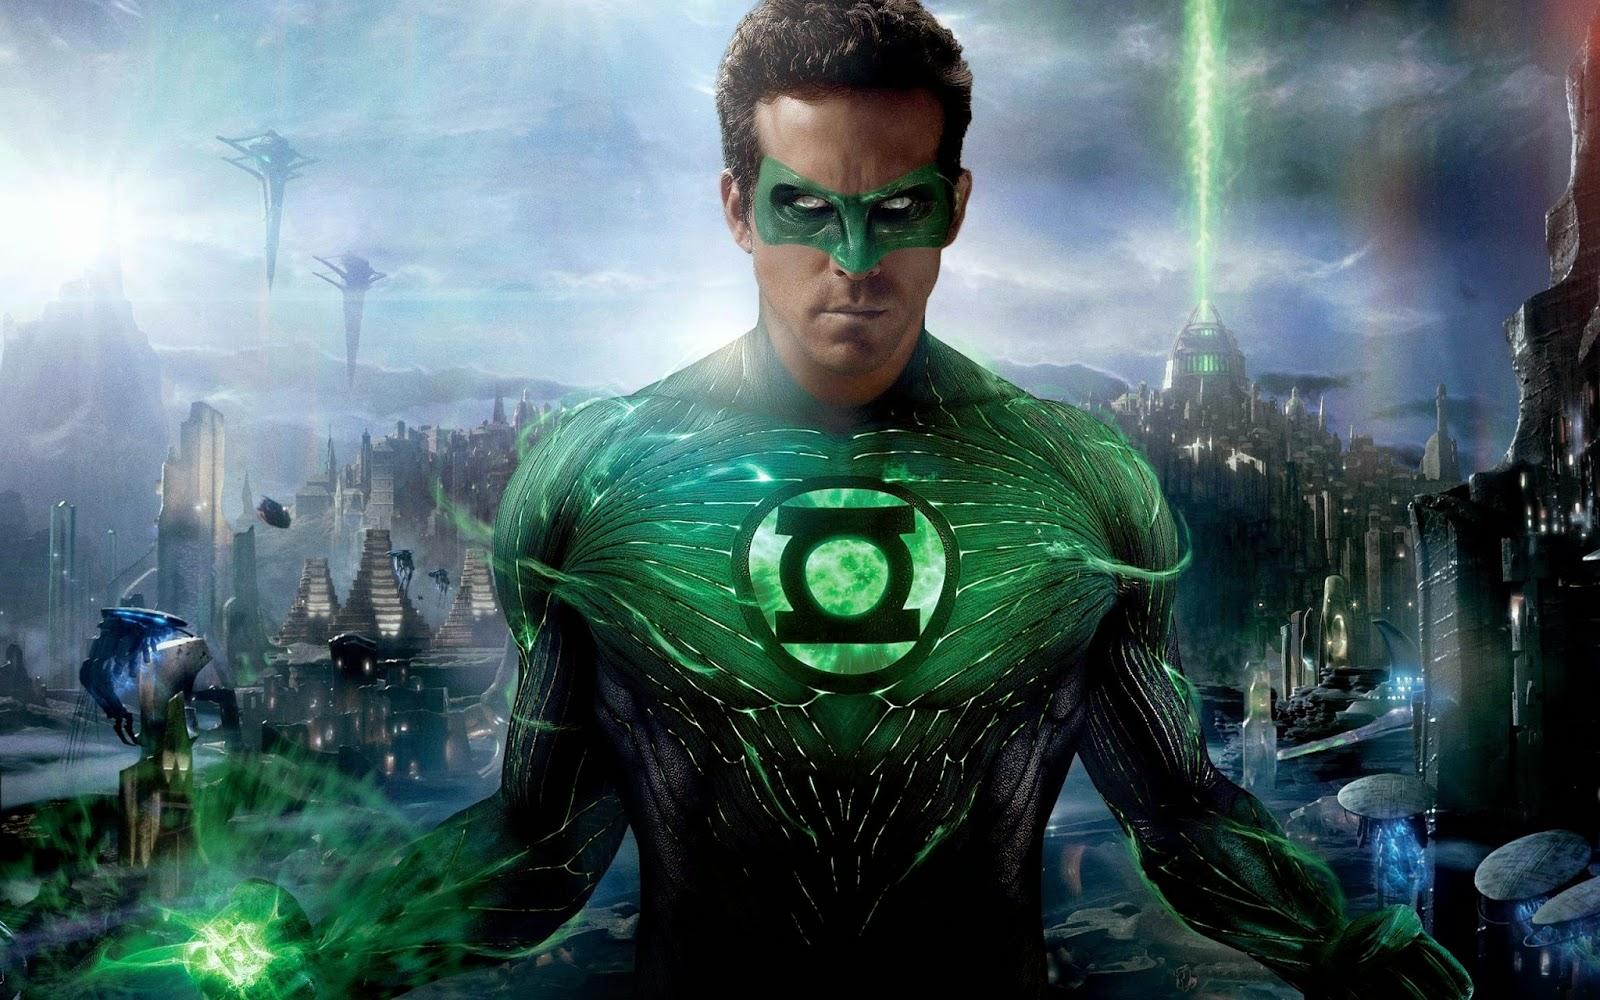 ảnh nền siêu anh hùng đẹp